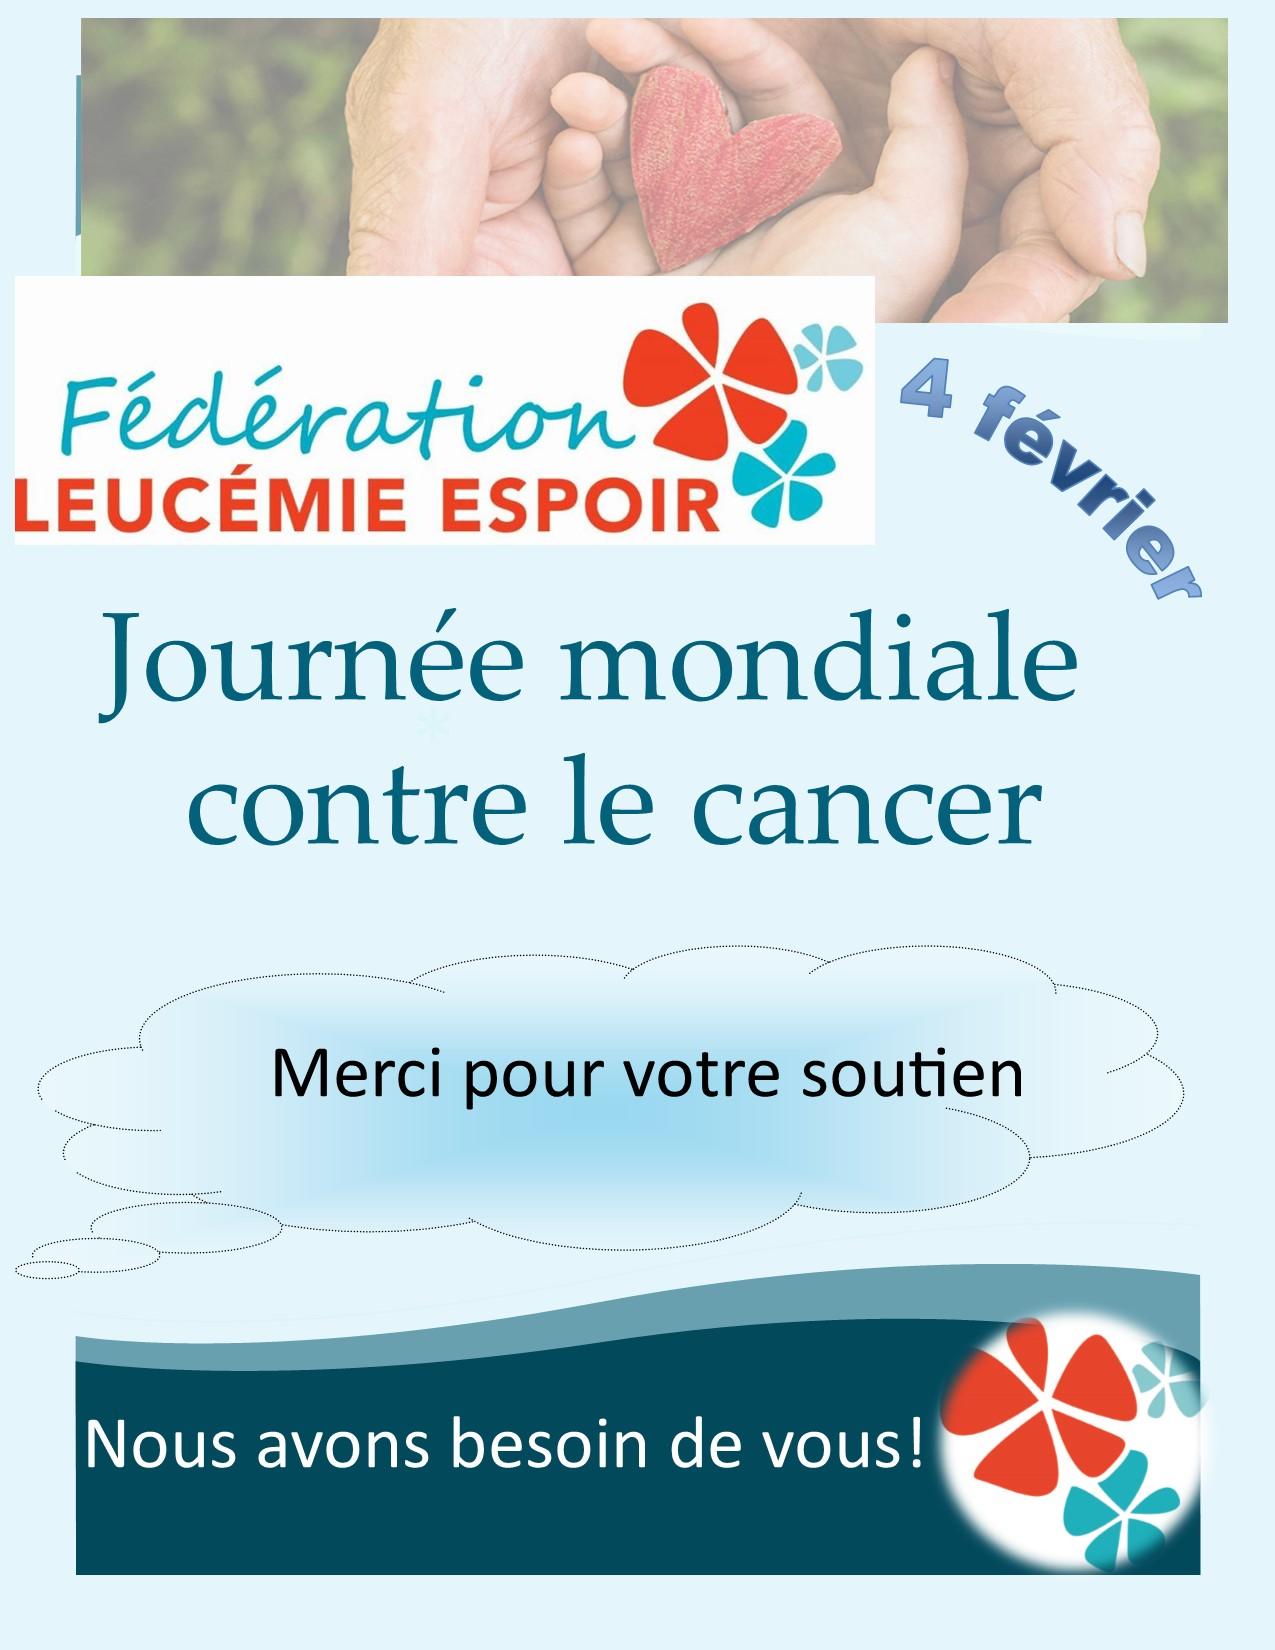 JOURNEE MONDIALE CONTRE LE CANCER 4 FEVRIER